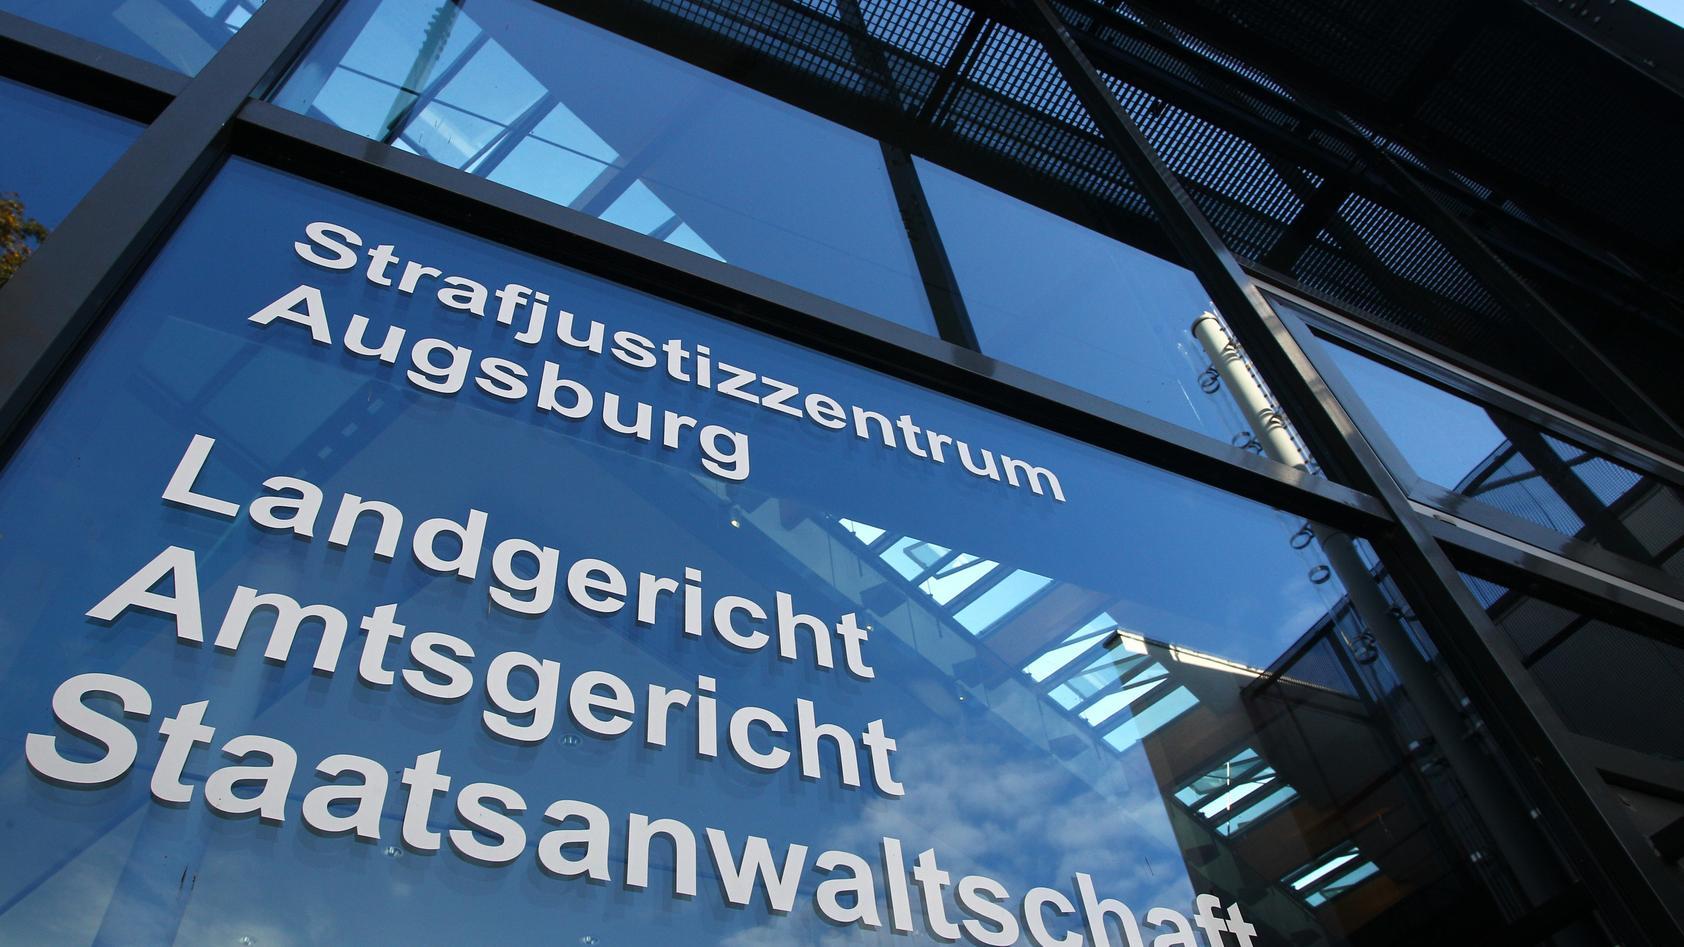 Bayern, Augsburg: Außenaufnahme des Strafjustizzentrums Augsburg.